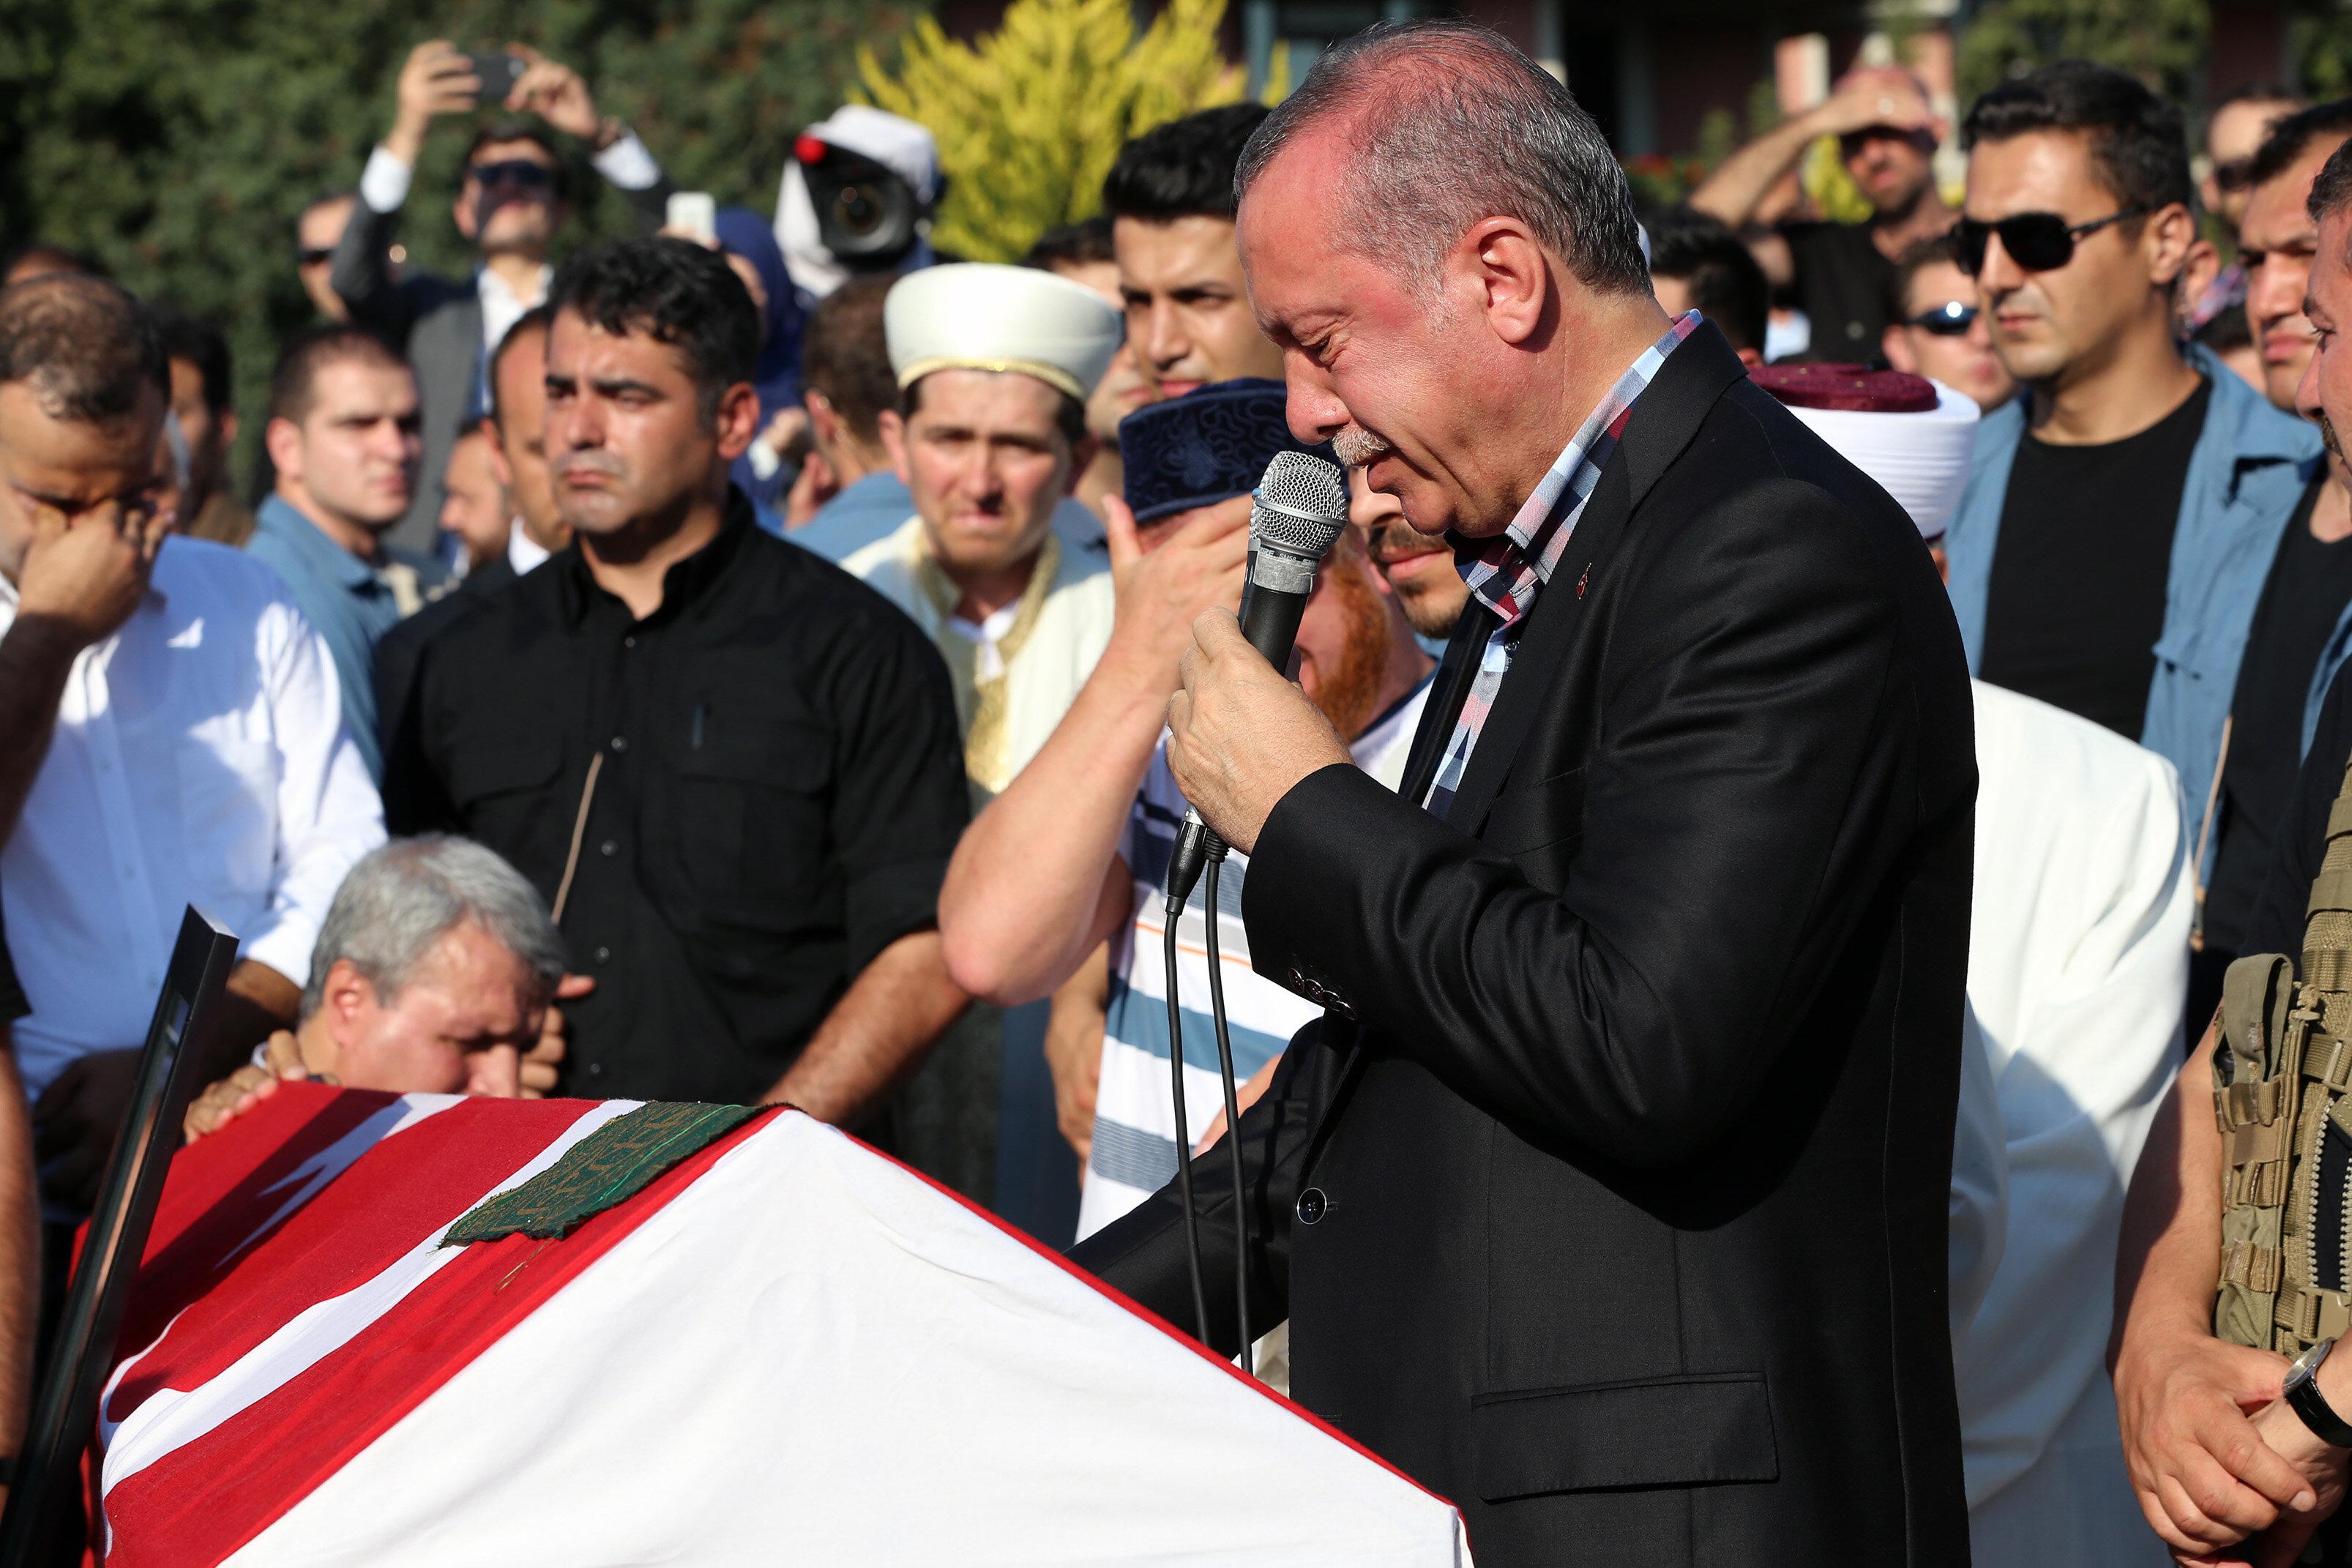 Cumhurbaşkanı Erdoğan, cenaze namazı sonrası yaptığı konuşma sırasında gözyaşlarını tutamadı.